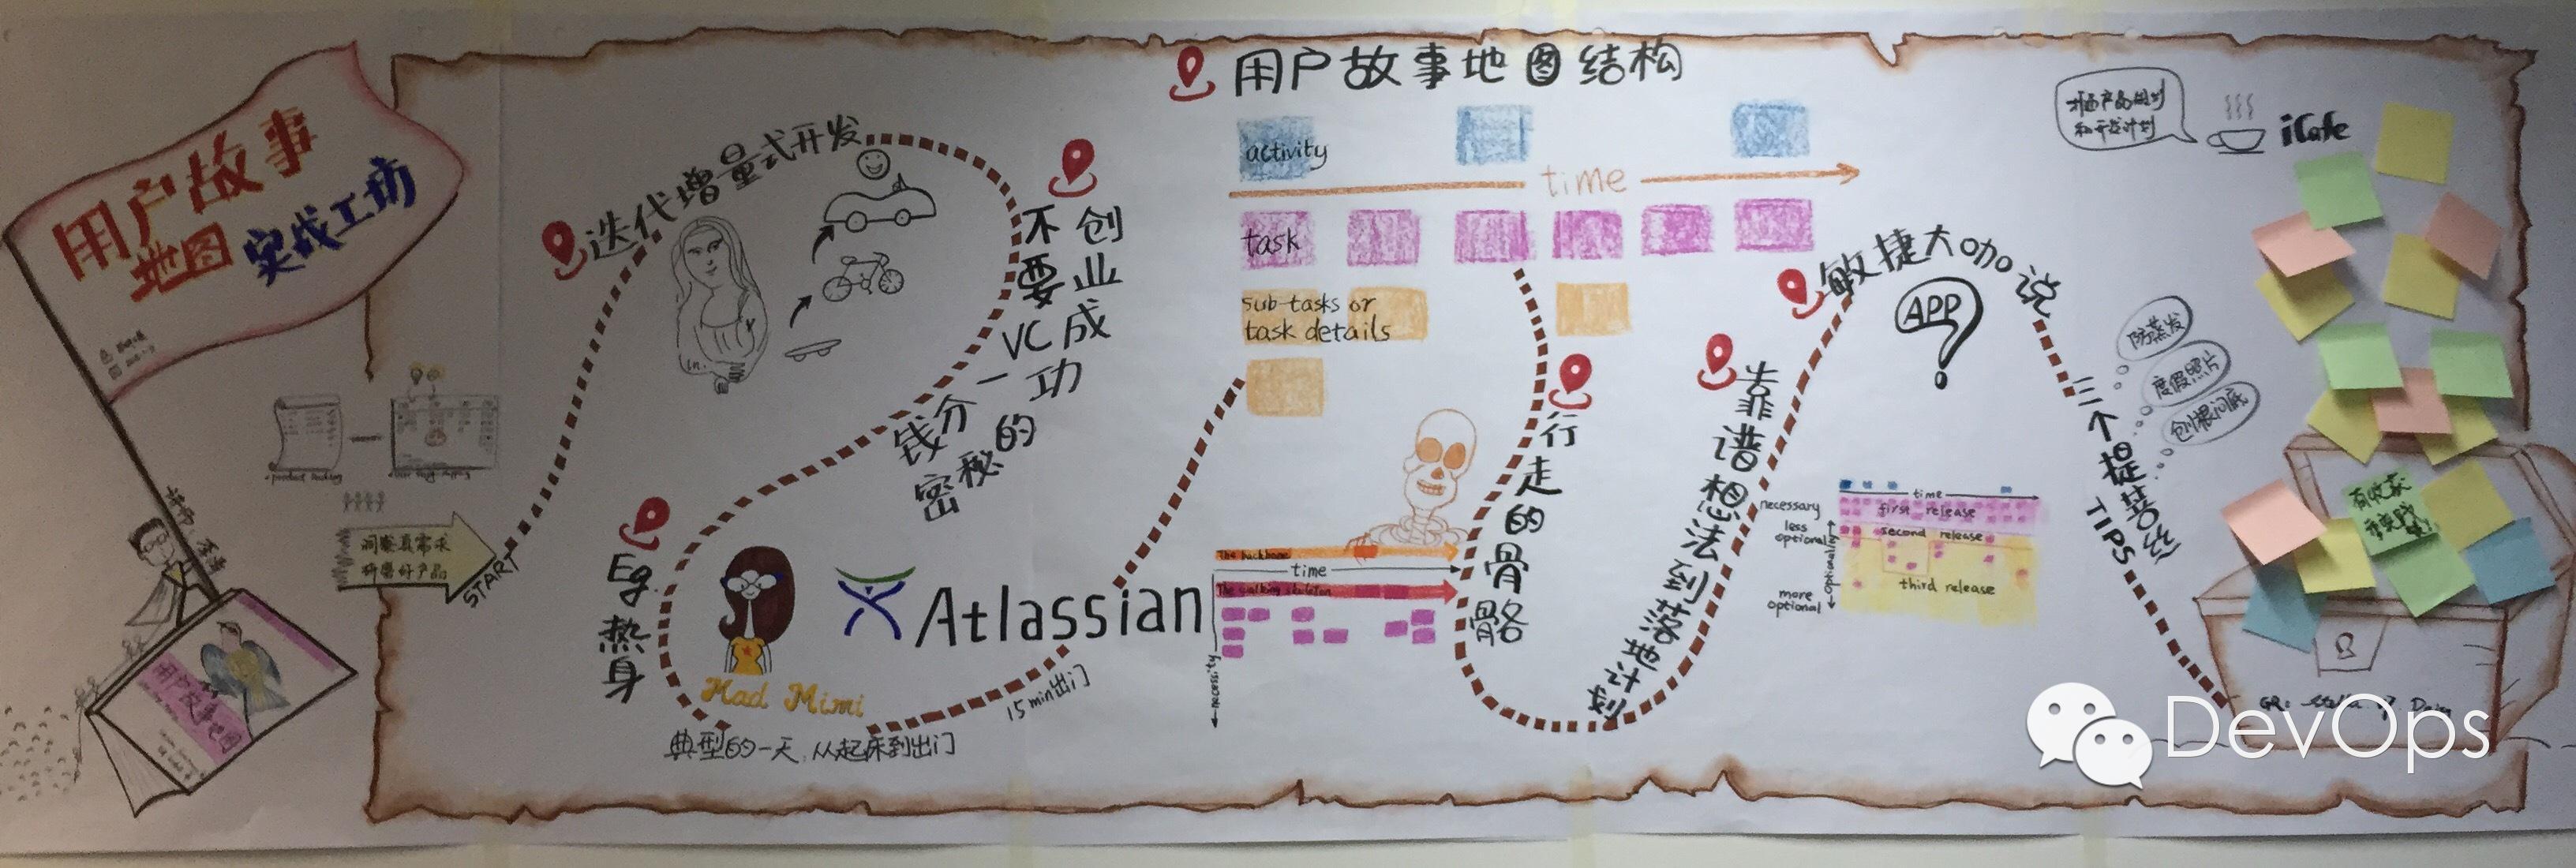 用户故事地图(user story mapping)之初体验